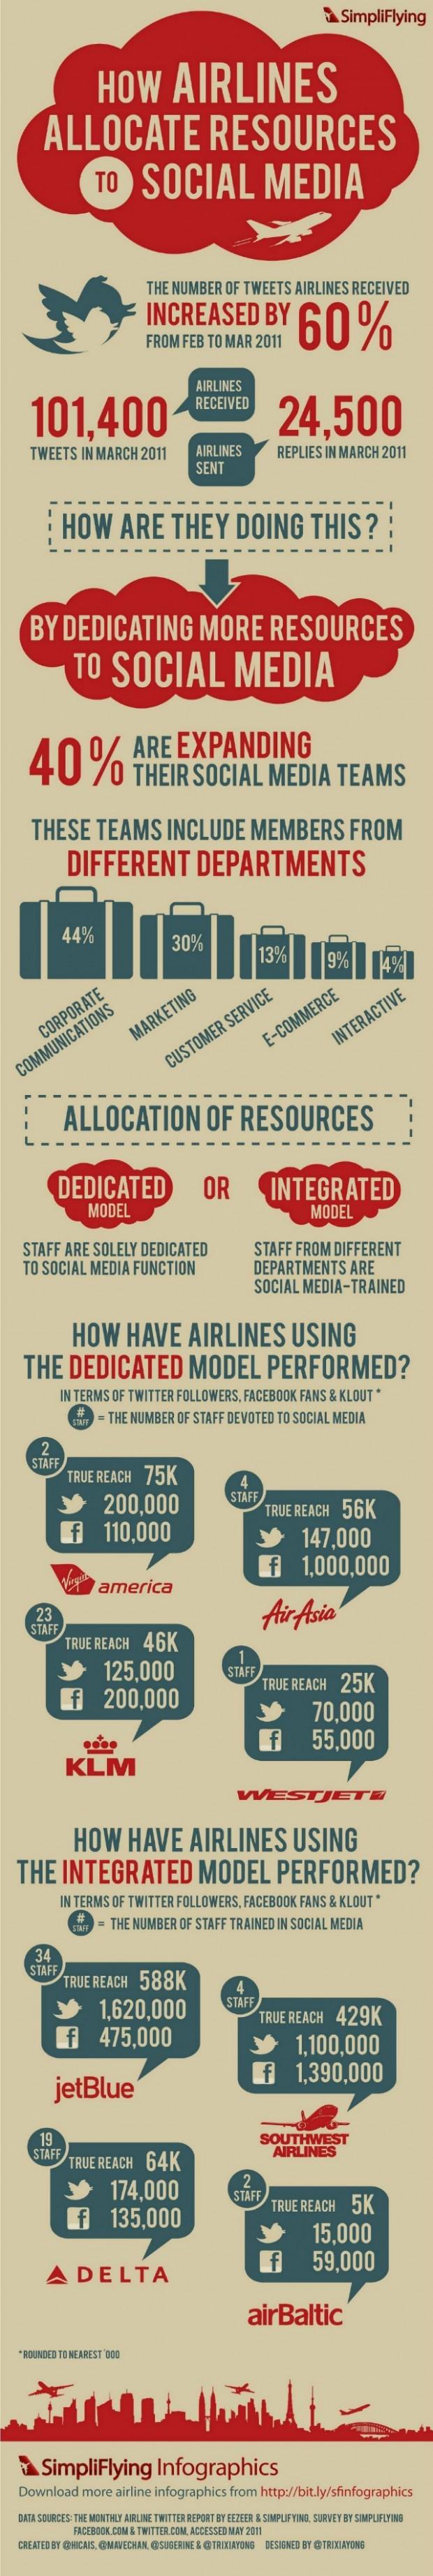 Social Media Airline Industry